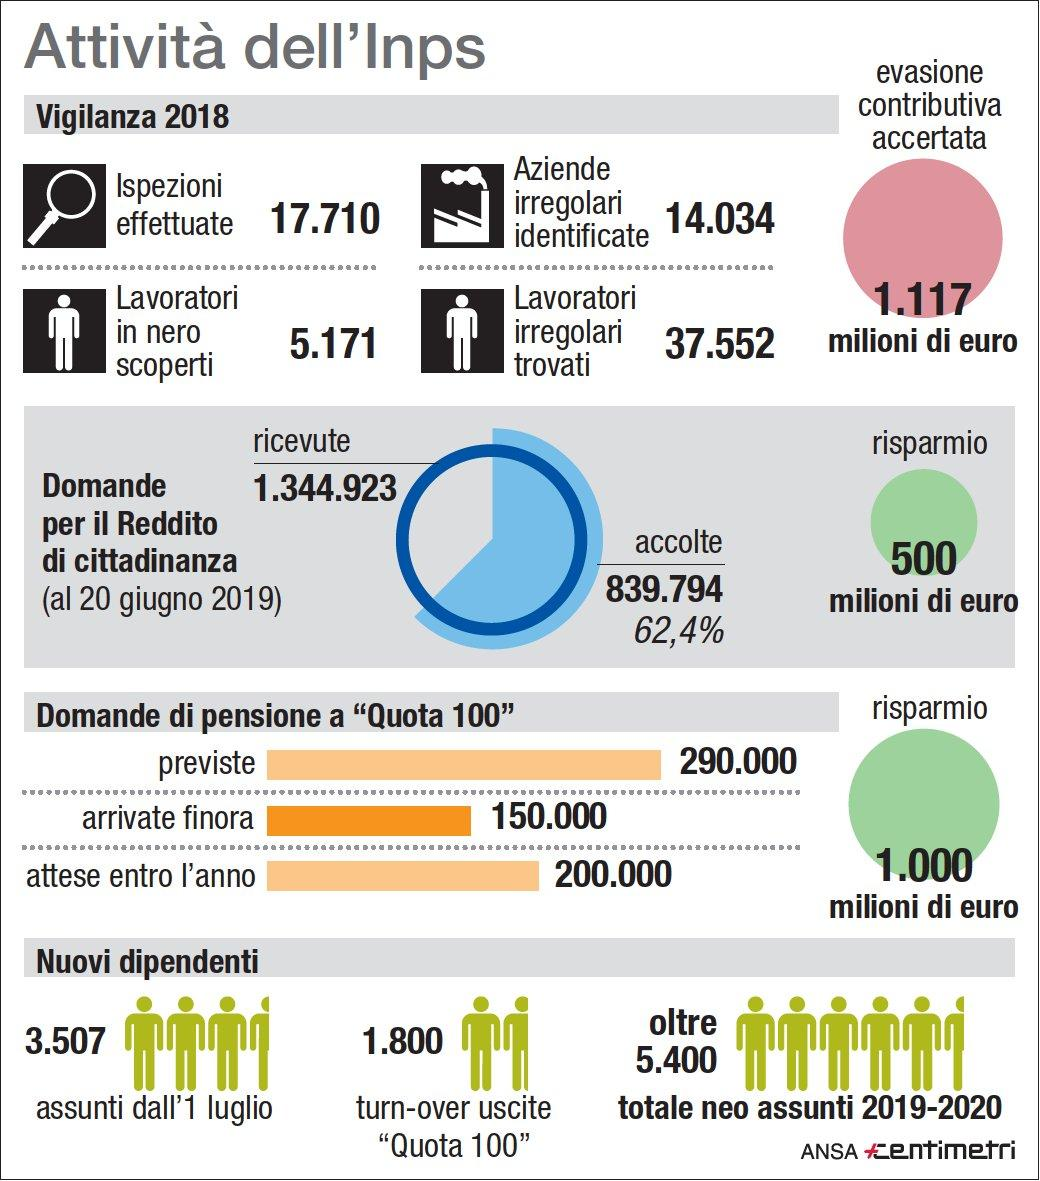 Inps, l attività dell ente previdenziale in cifre